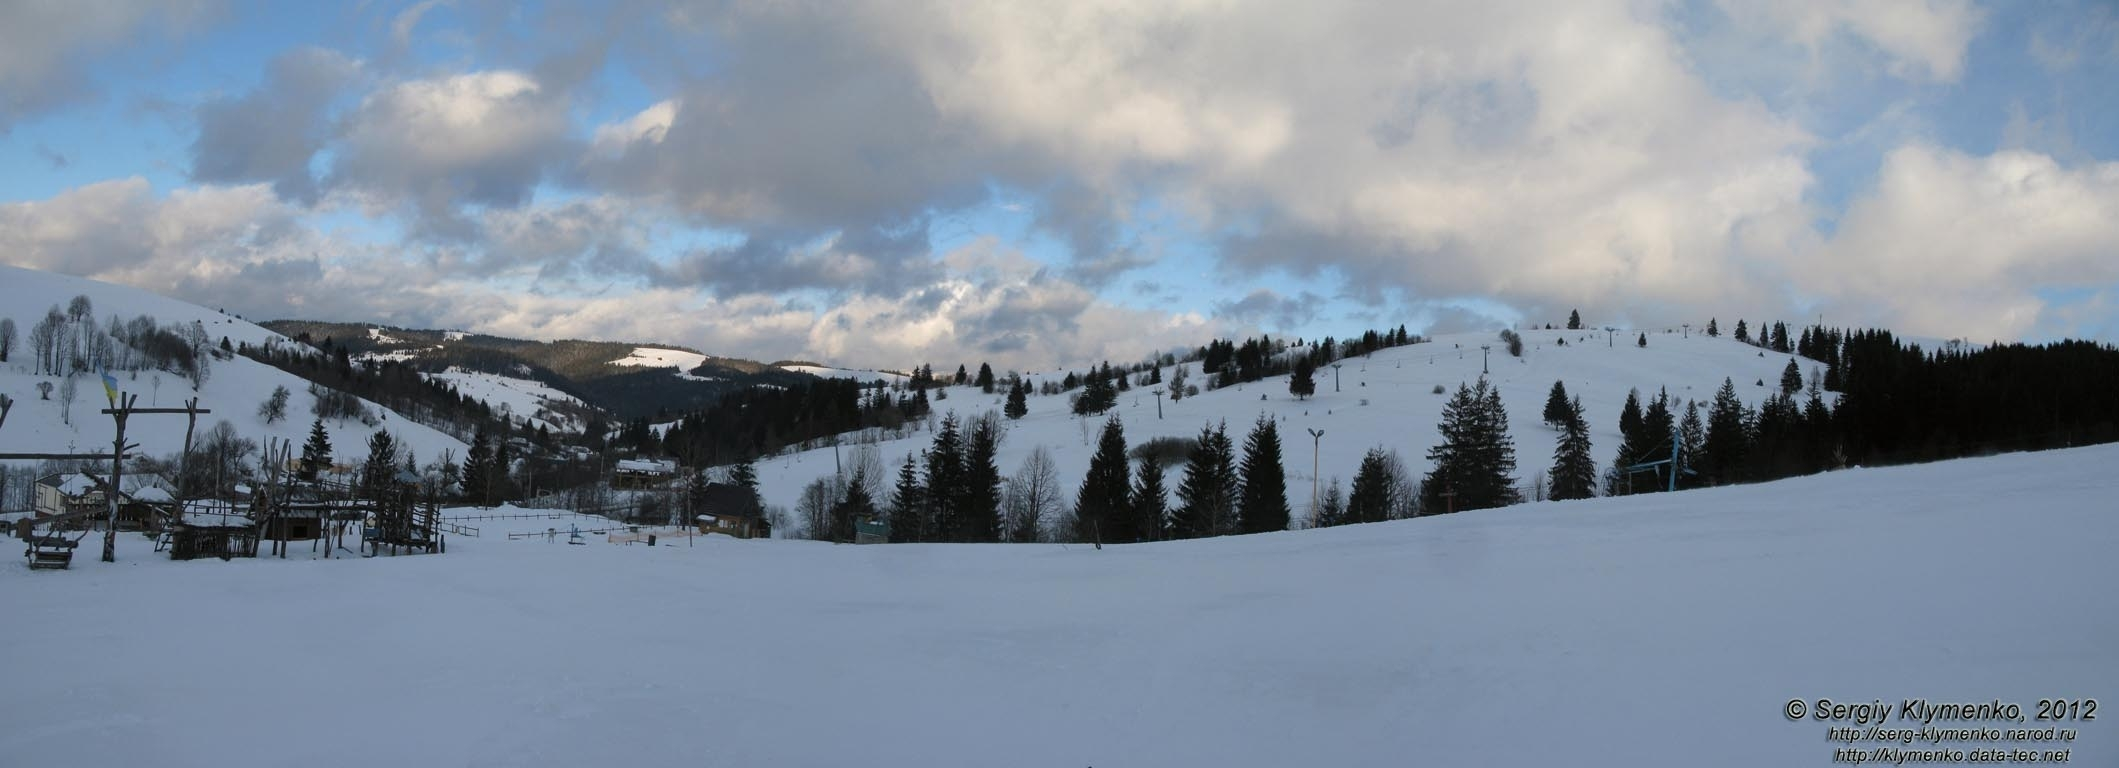 Гірськолижний курорт «Ізки»  Изки 91a1bdc773d00